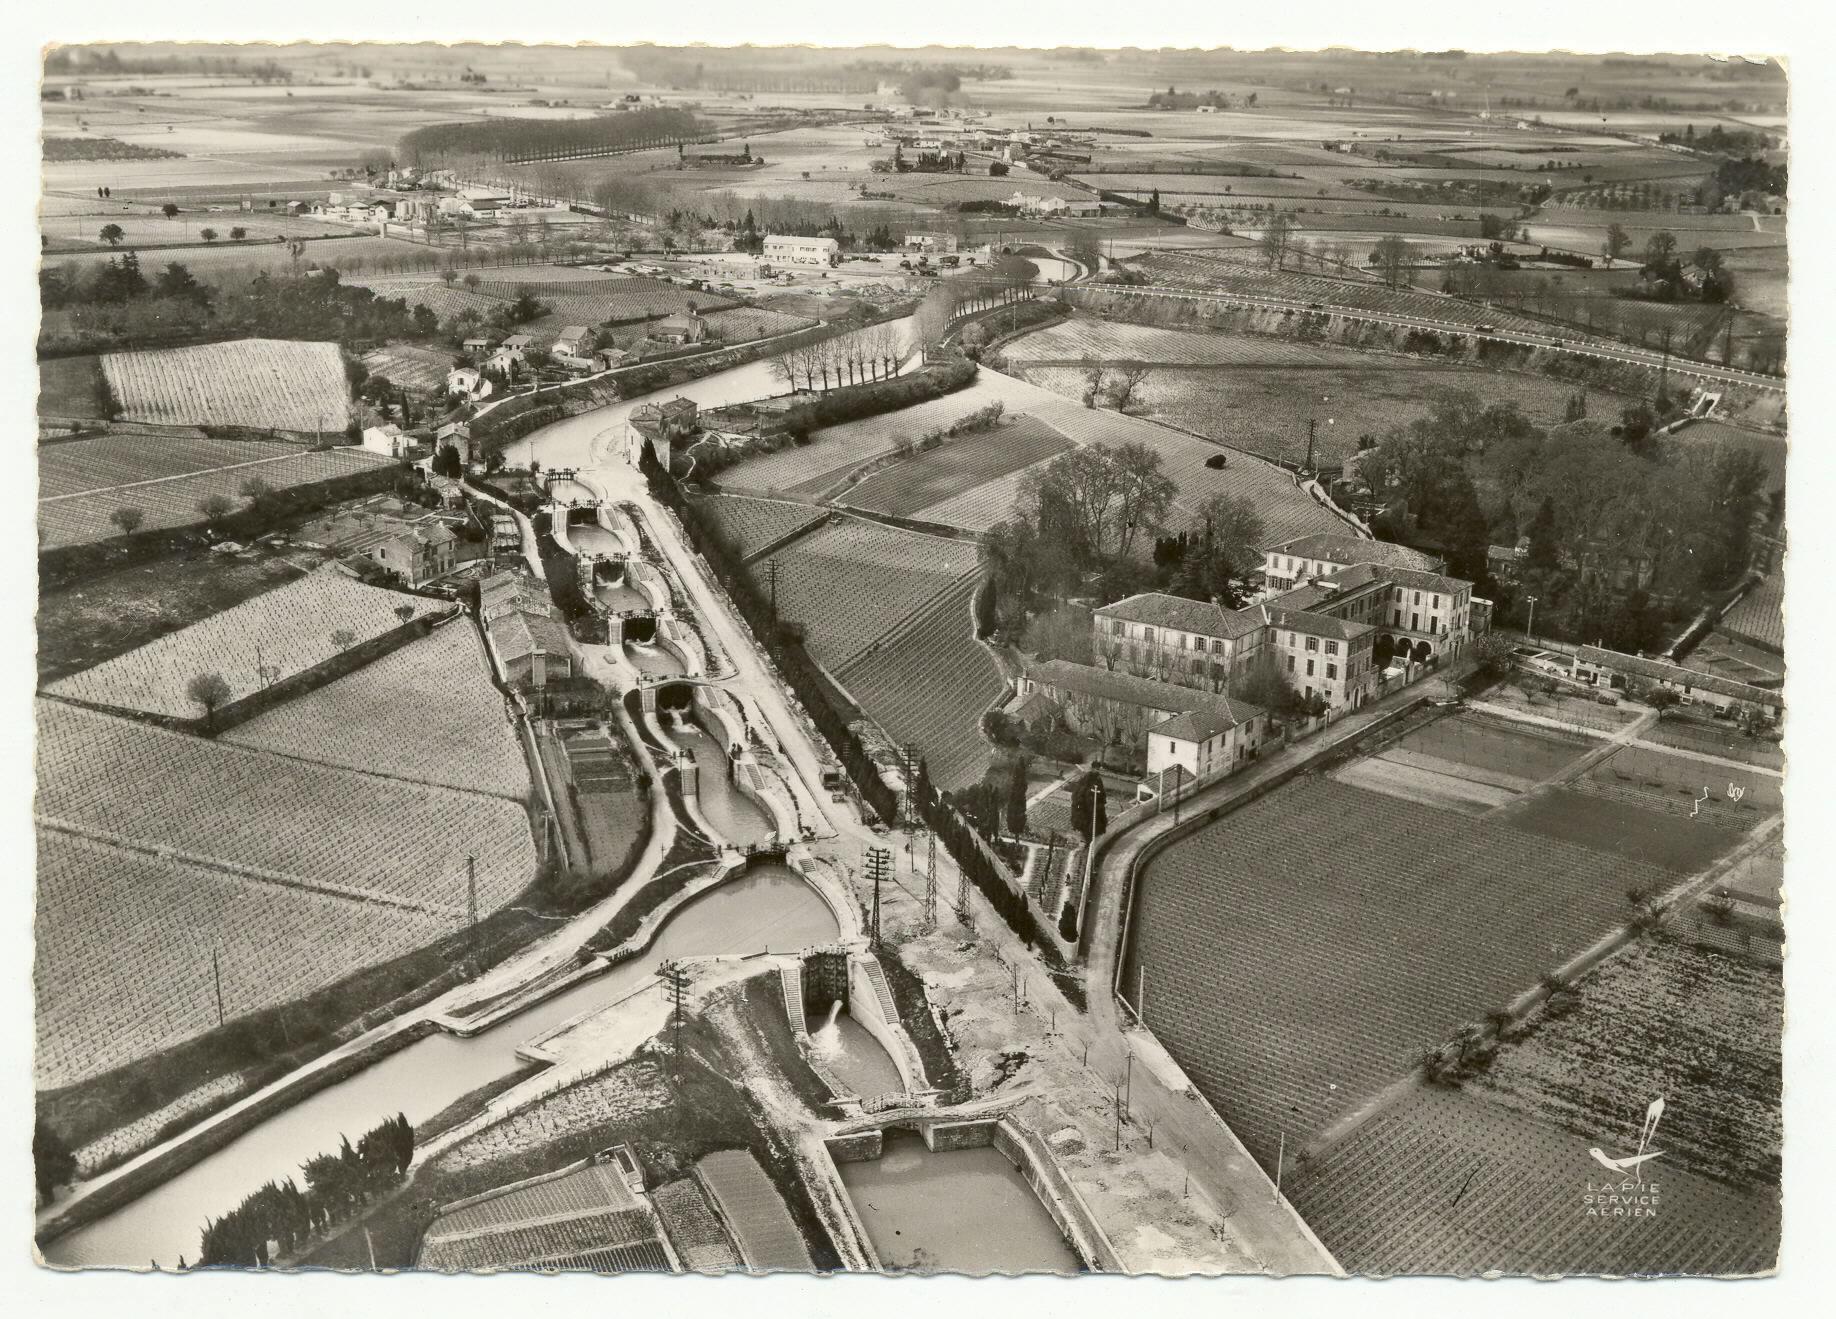 Béziers - Les écluses - Vue aérienne de 1956 (Sicard)